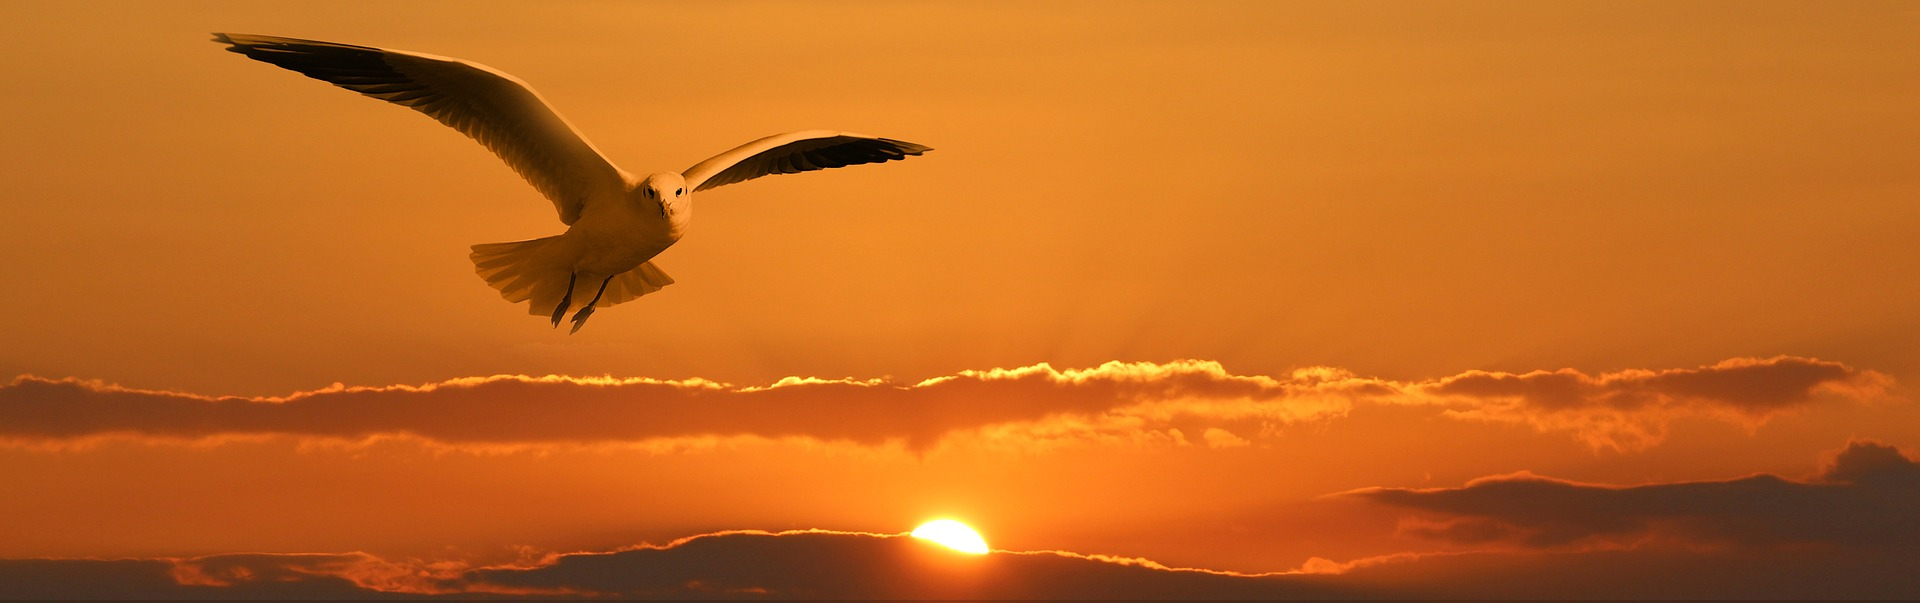 volare liberta